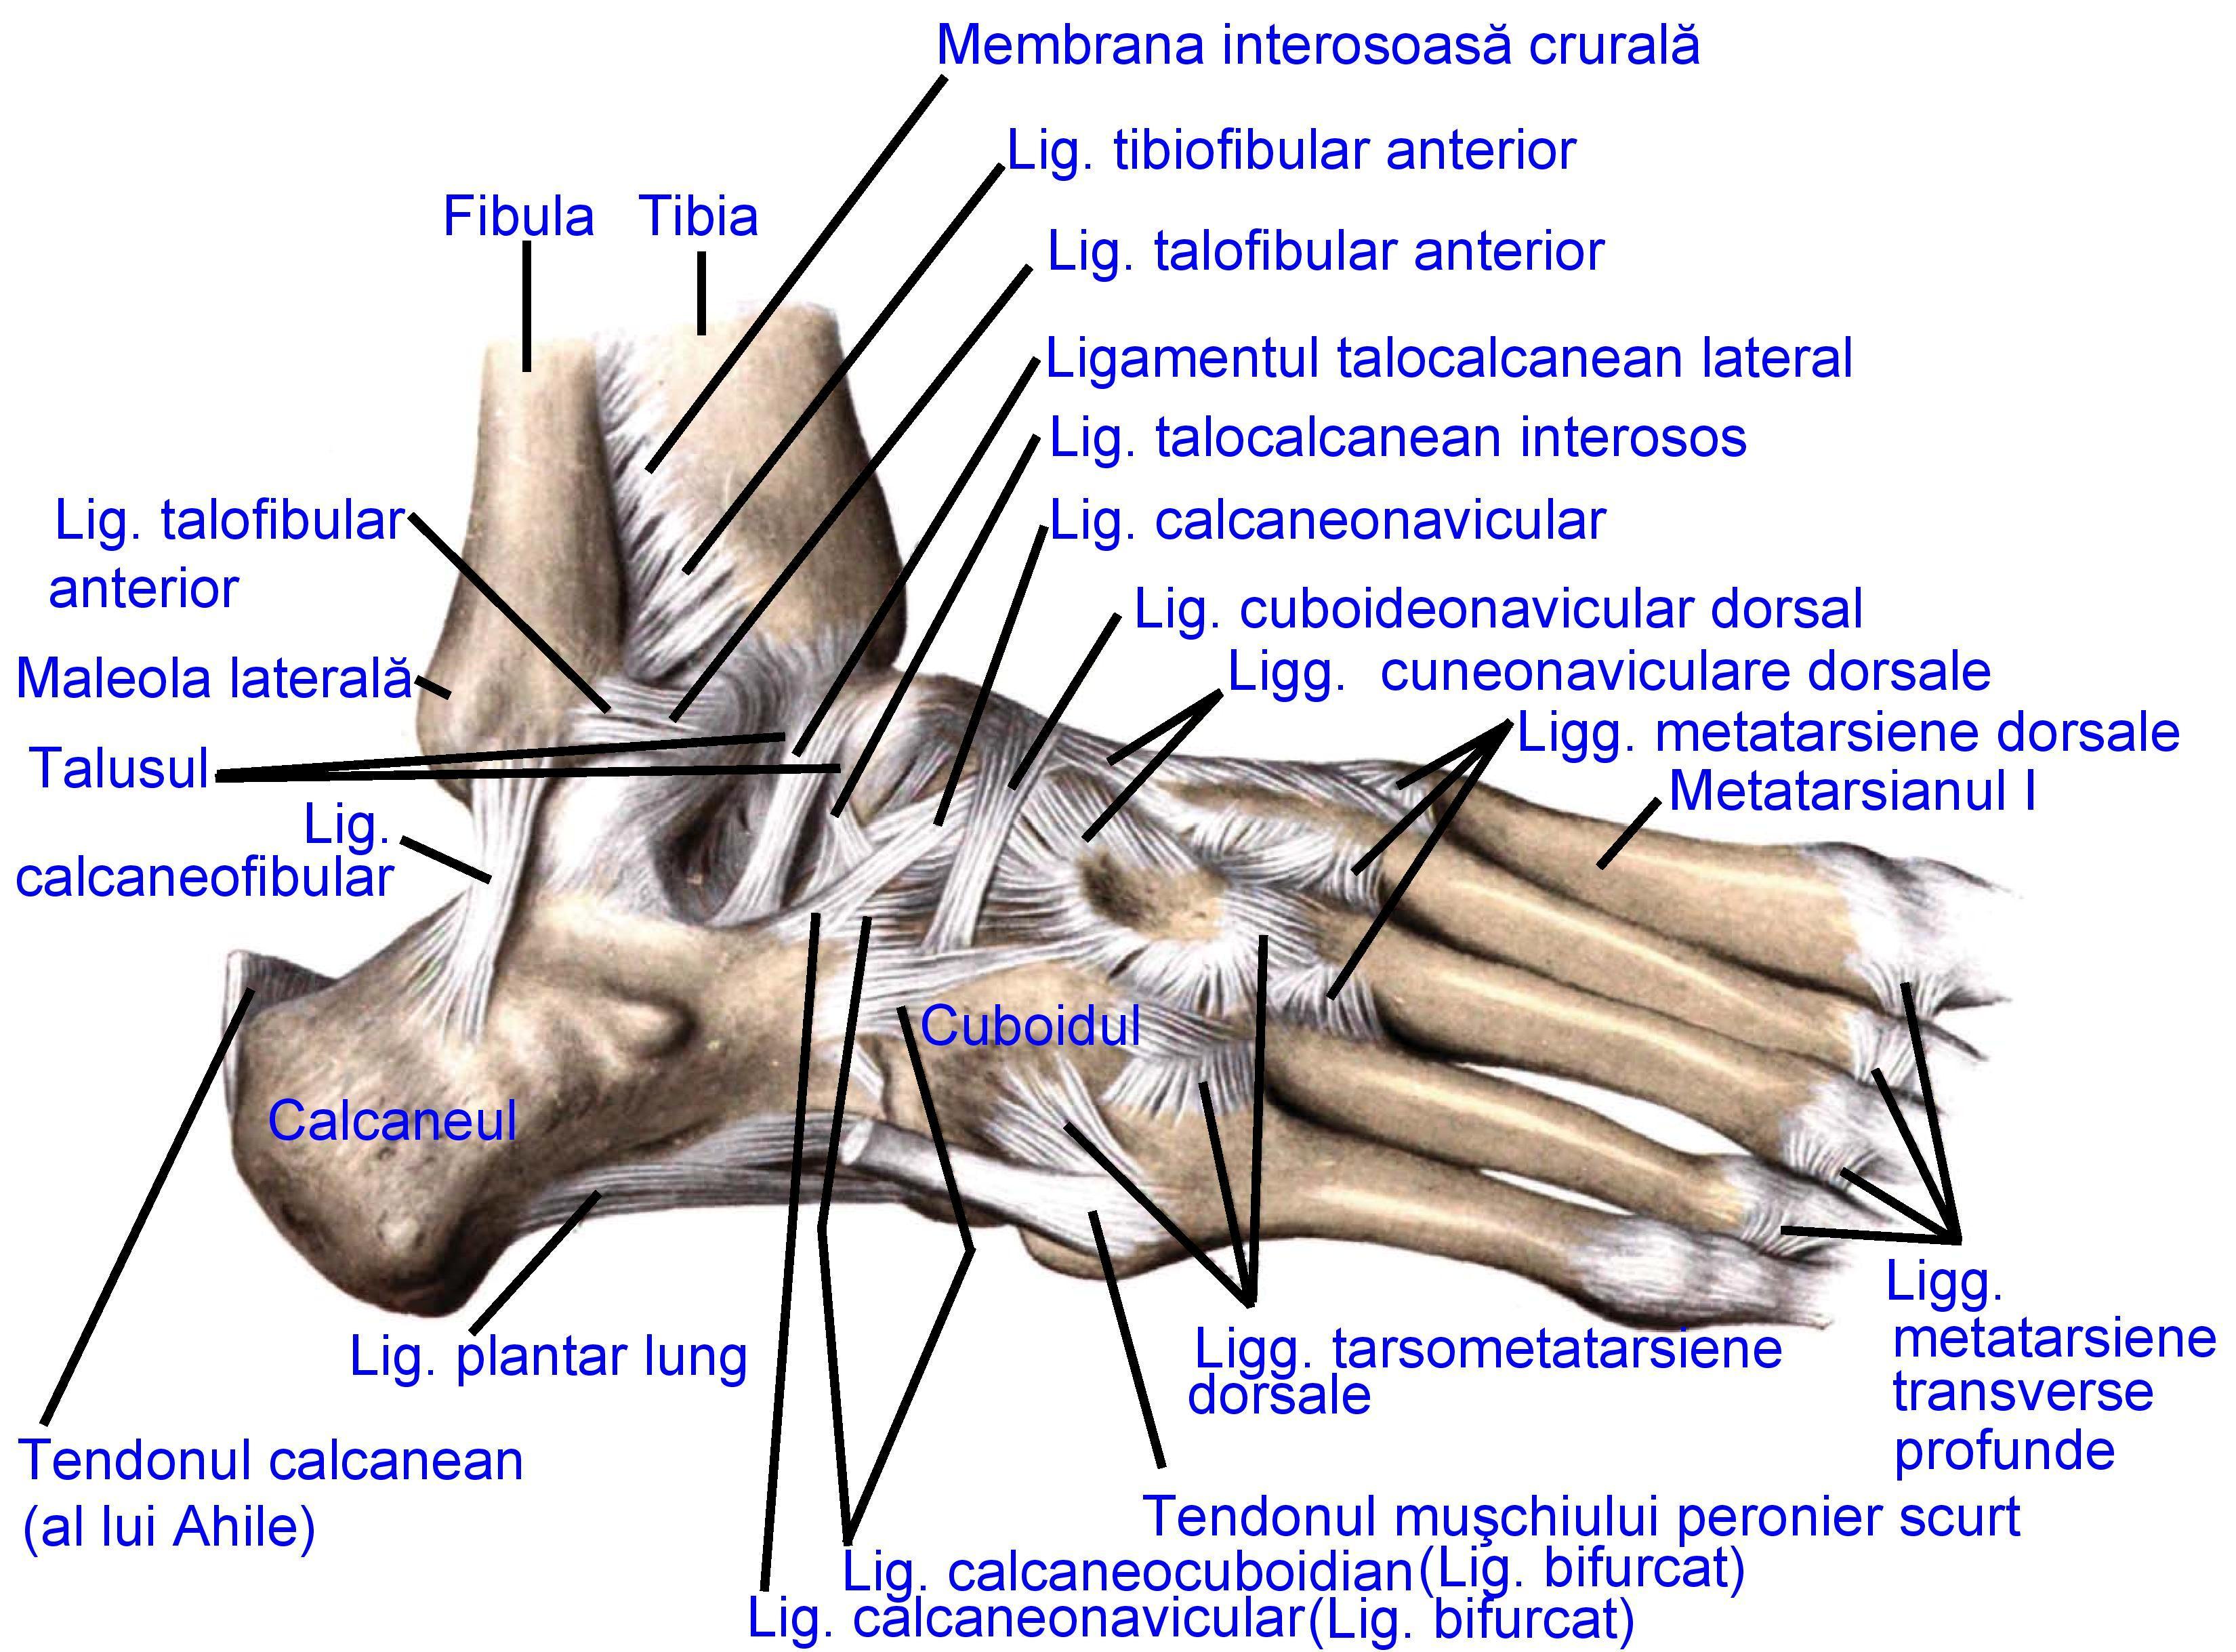 Articulația picioarelor foarte dureroasă - studioharry.ro